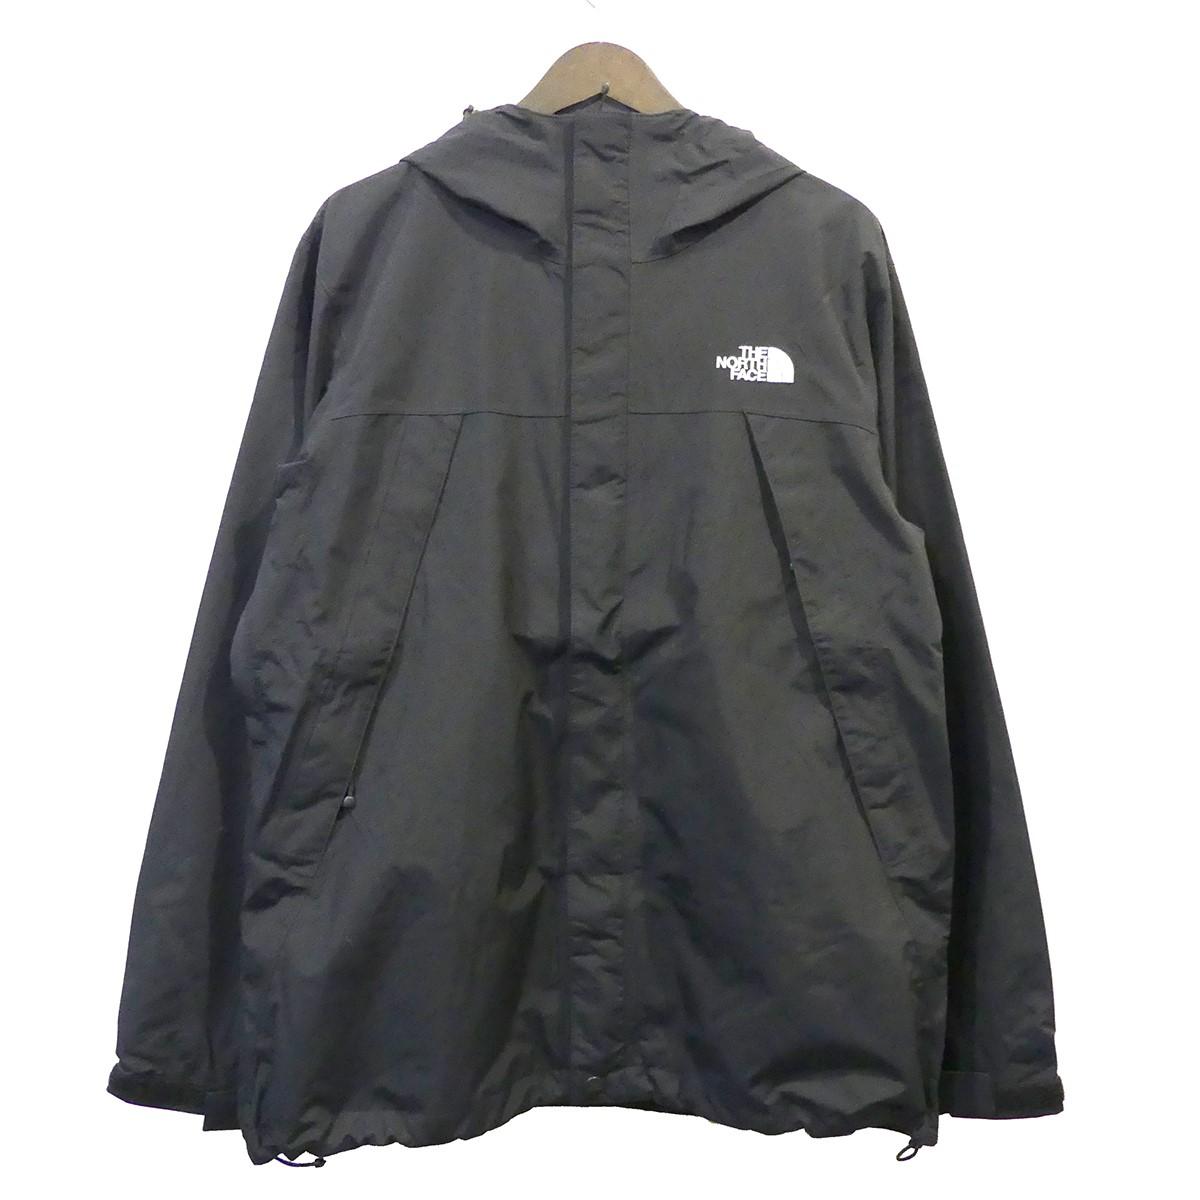 【中古】THE NORTH FACE Scoop Jacket マウンテンパーカー ブラック サイズ:M 【040520】(ザノースフェイス)